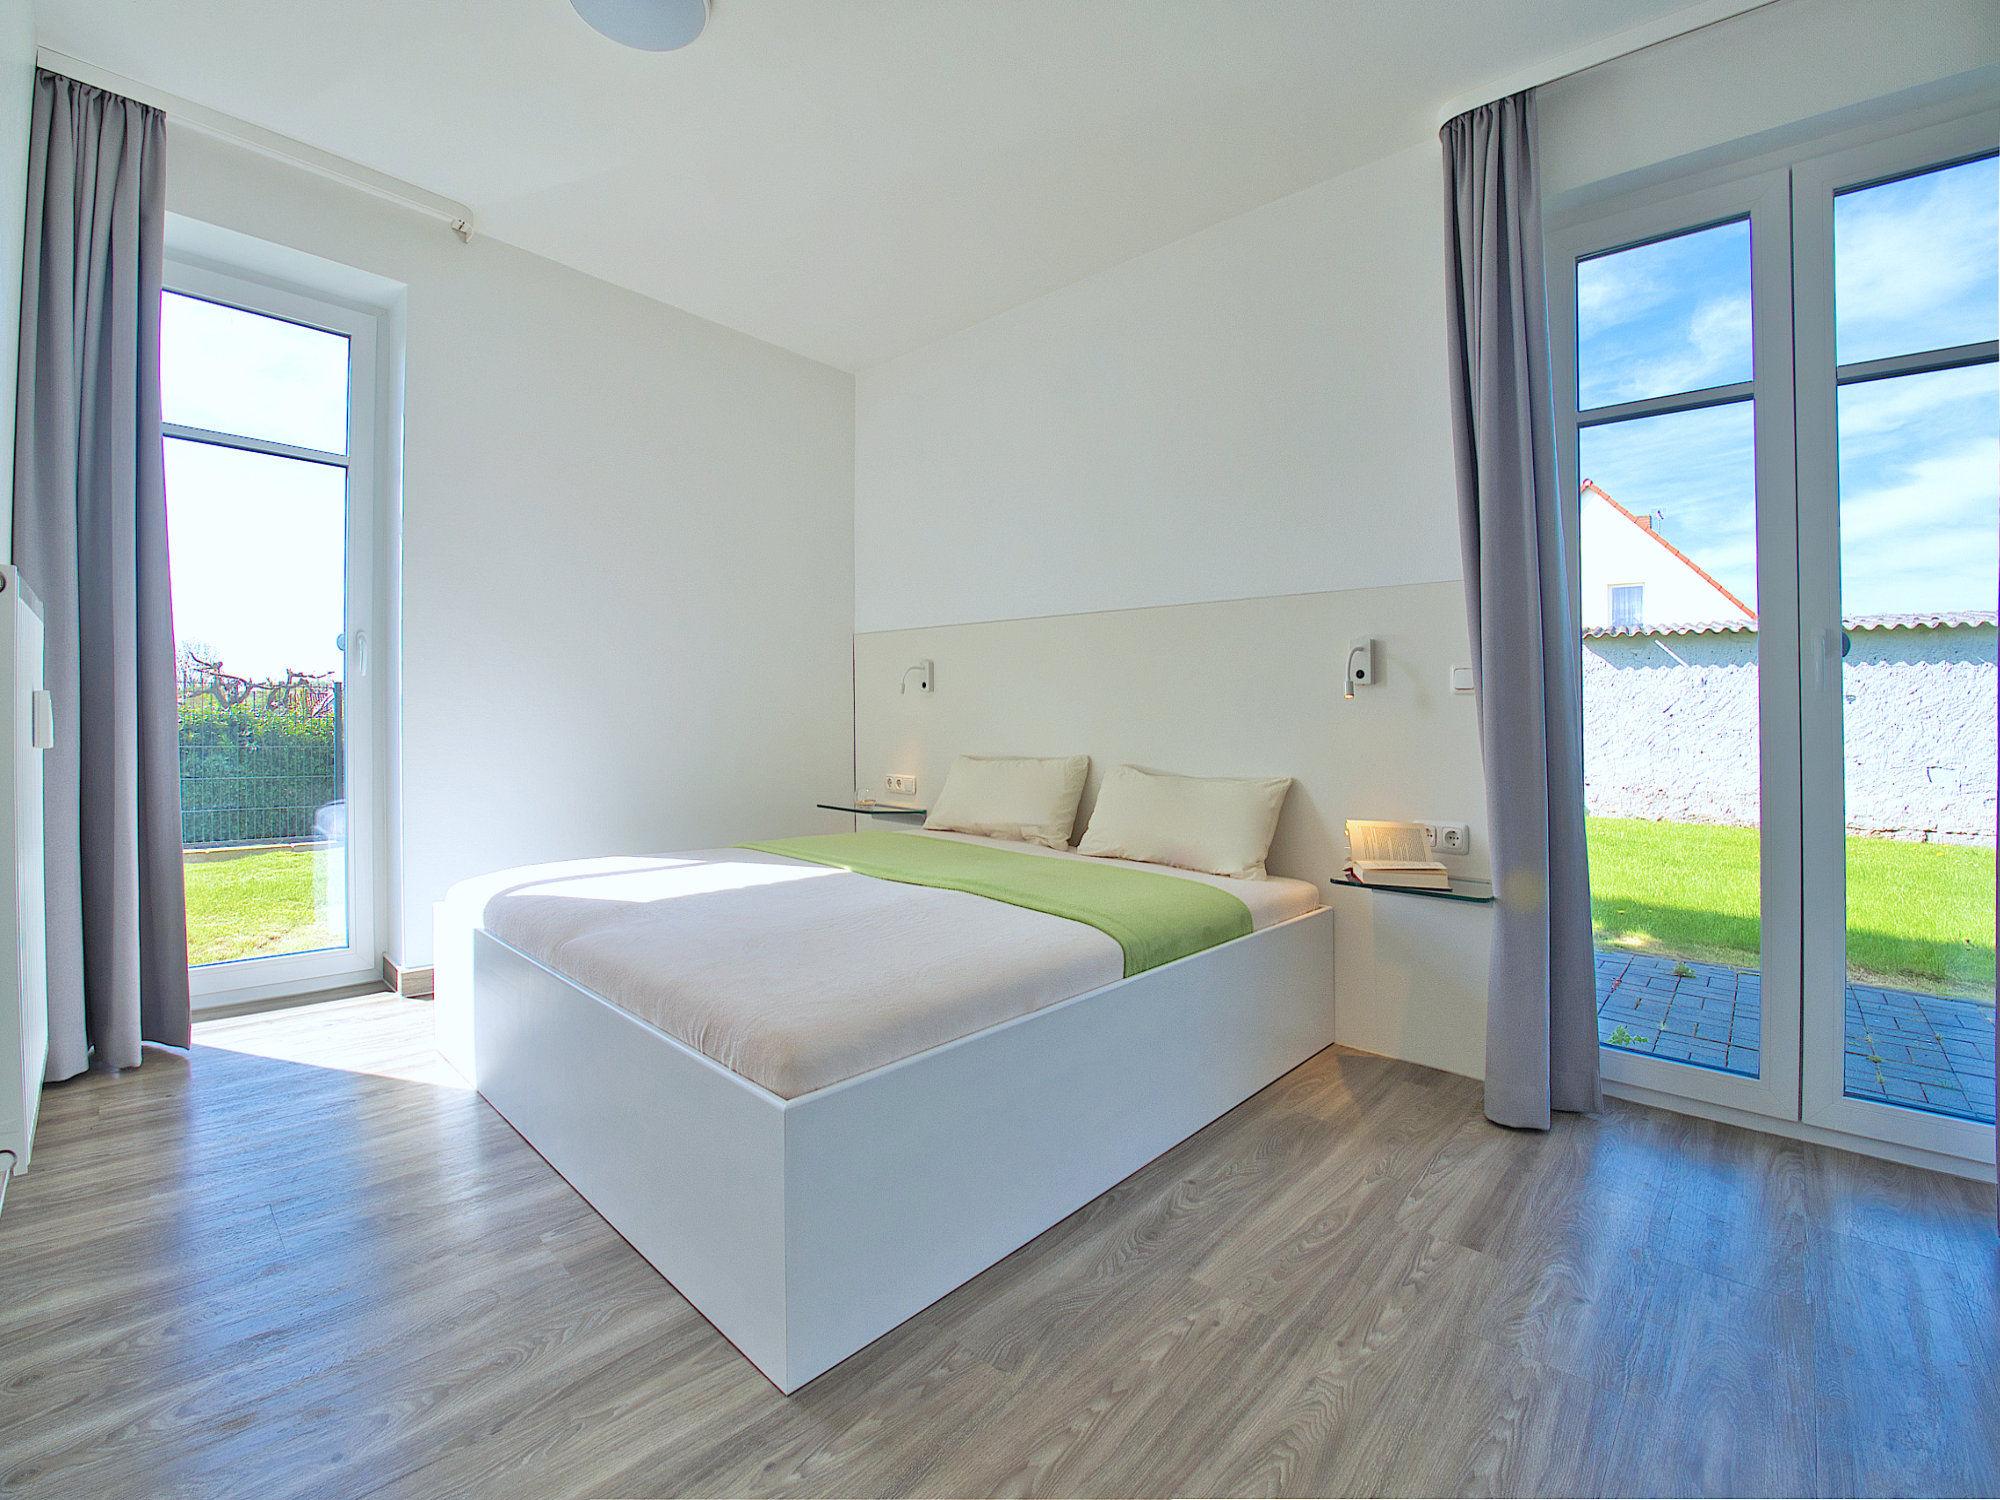 Schlafzimmer mit Doppelbett und 2 bodentiefen Fenstern